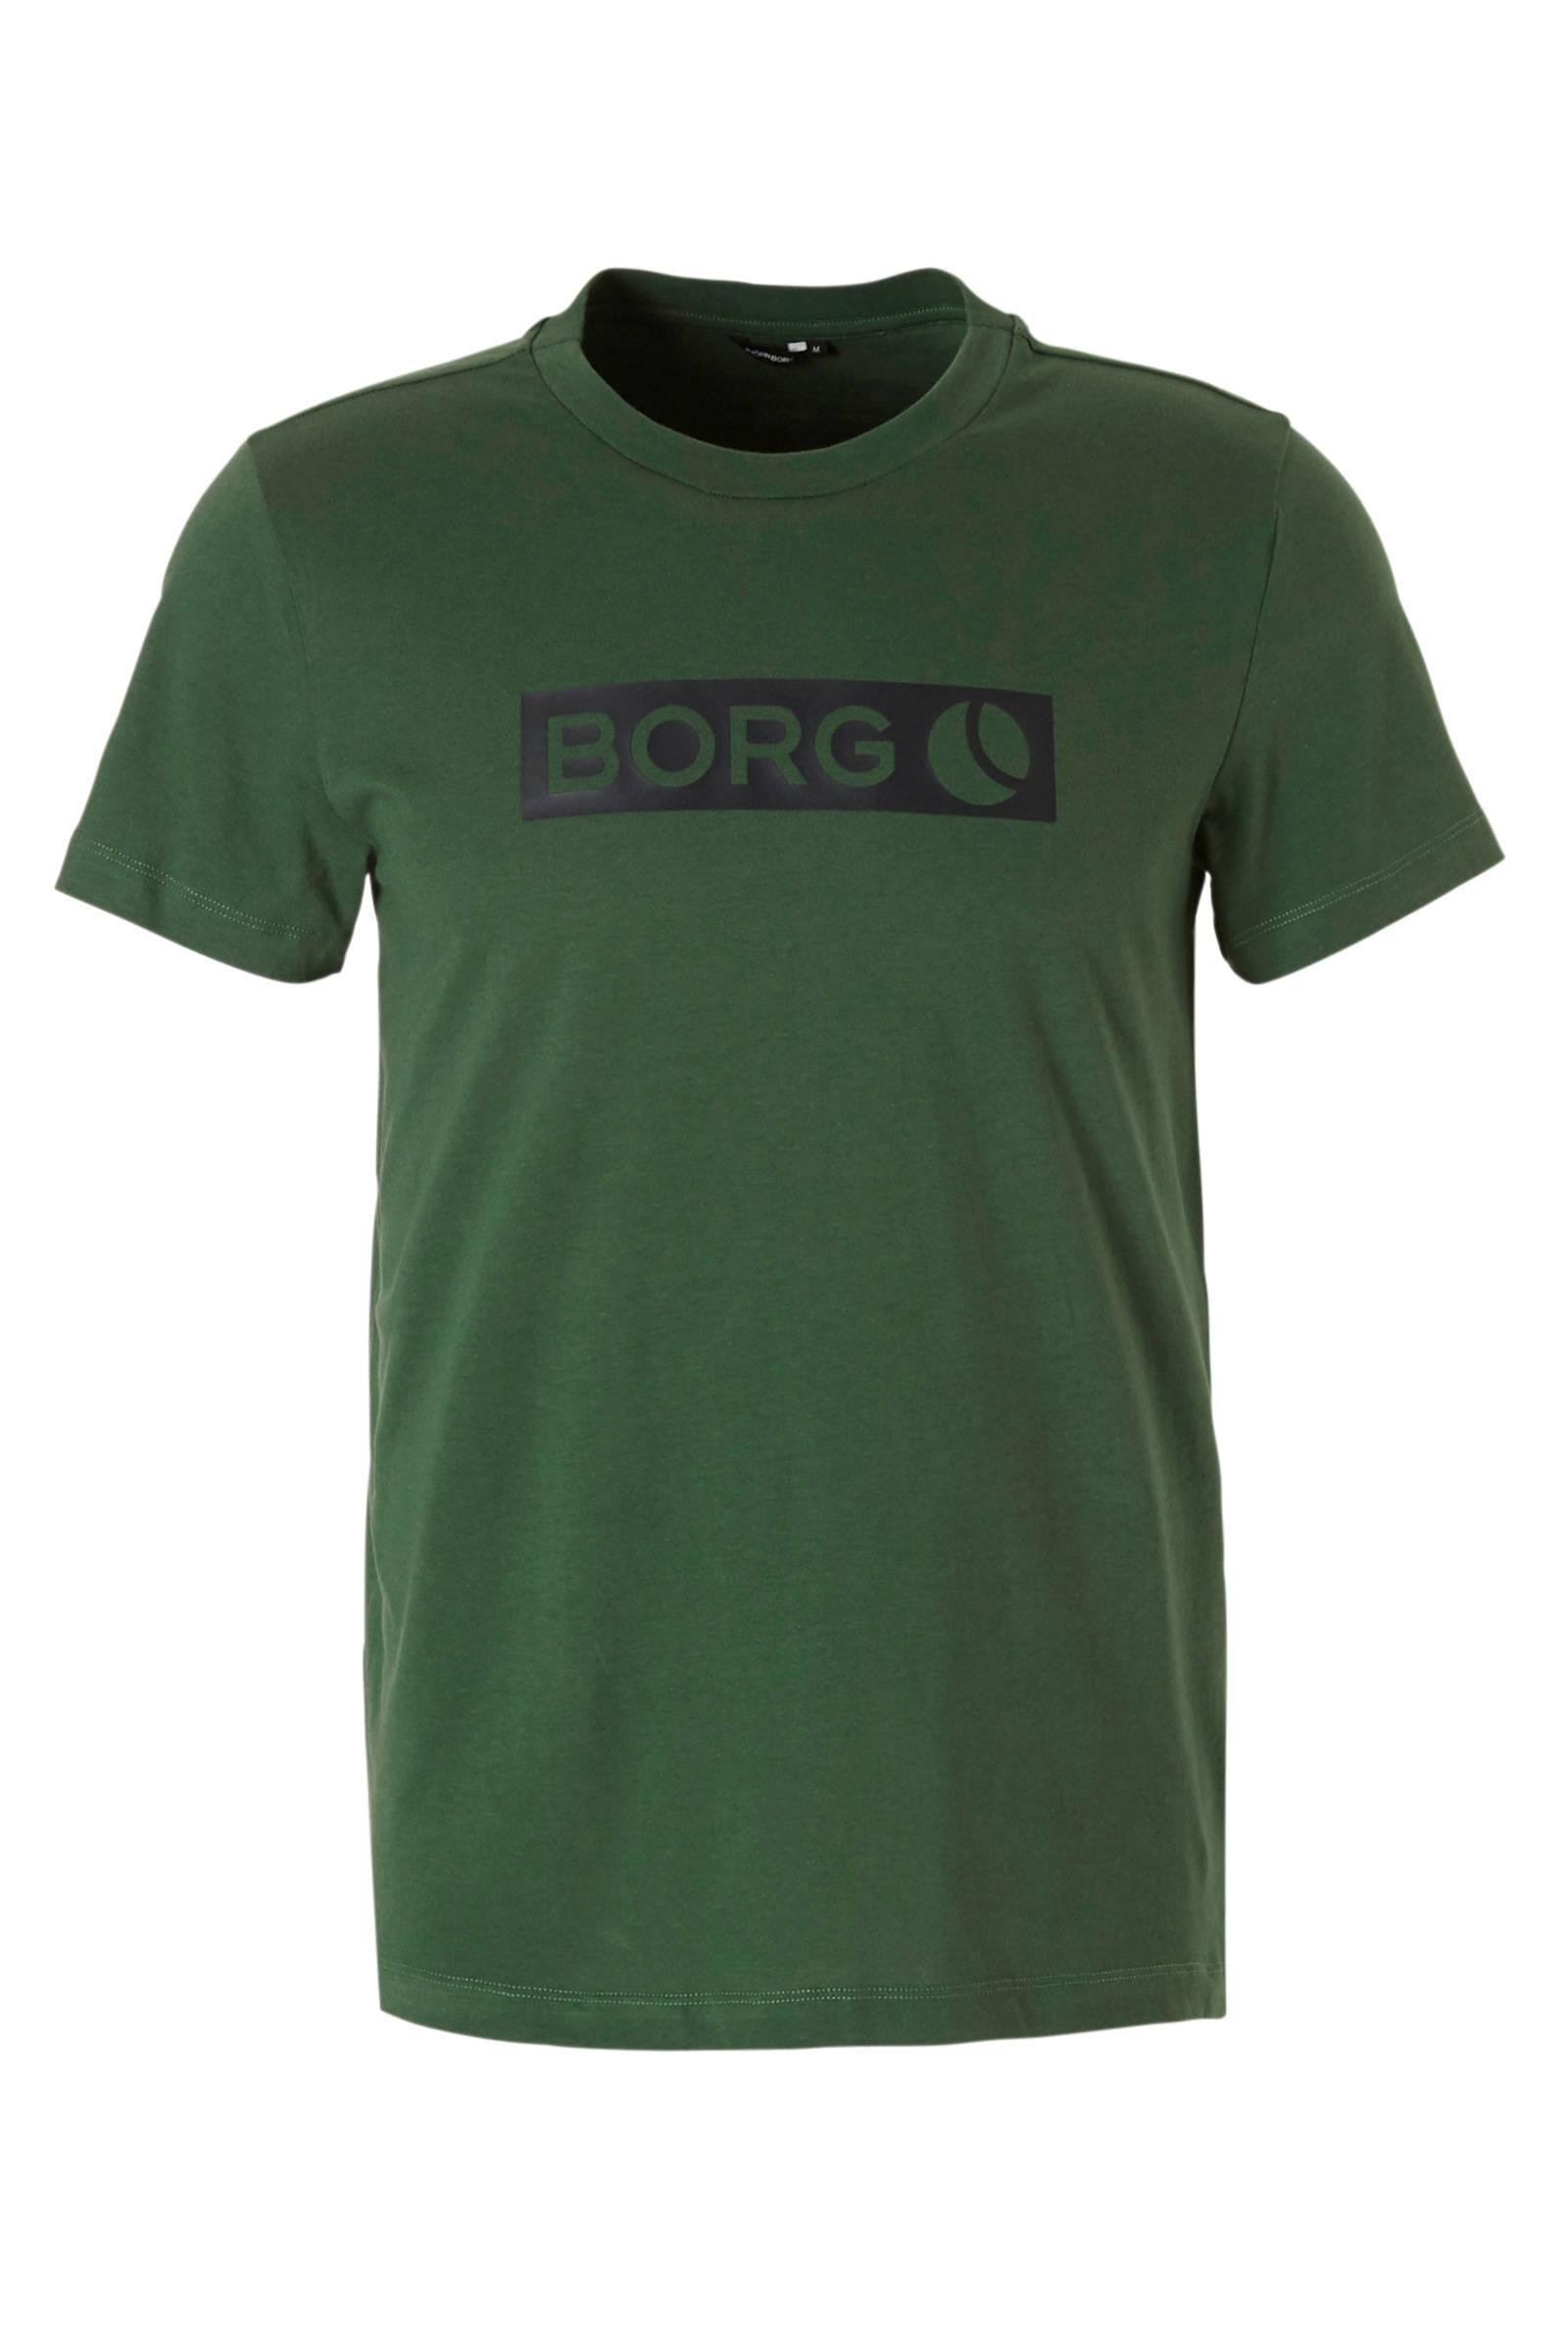 Björn Borg   Sport T-shirt donkergroen (heren)